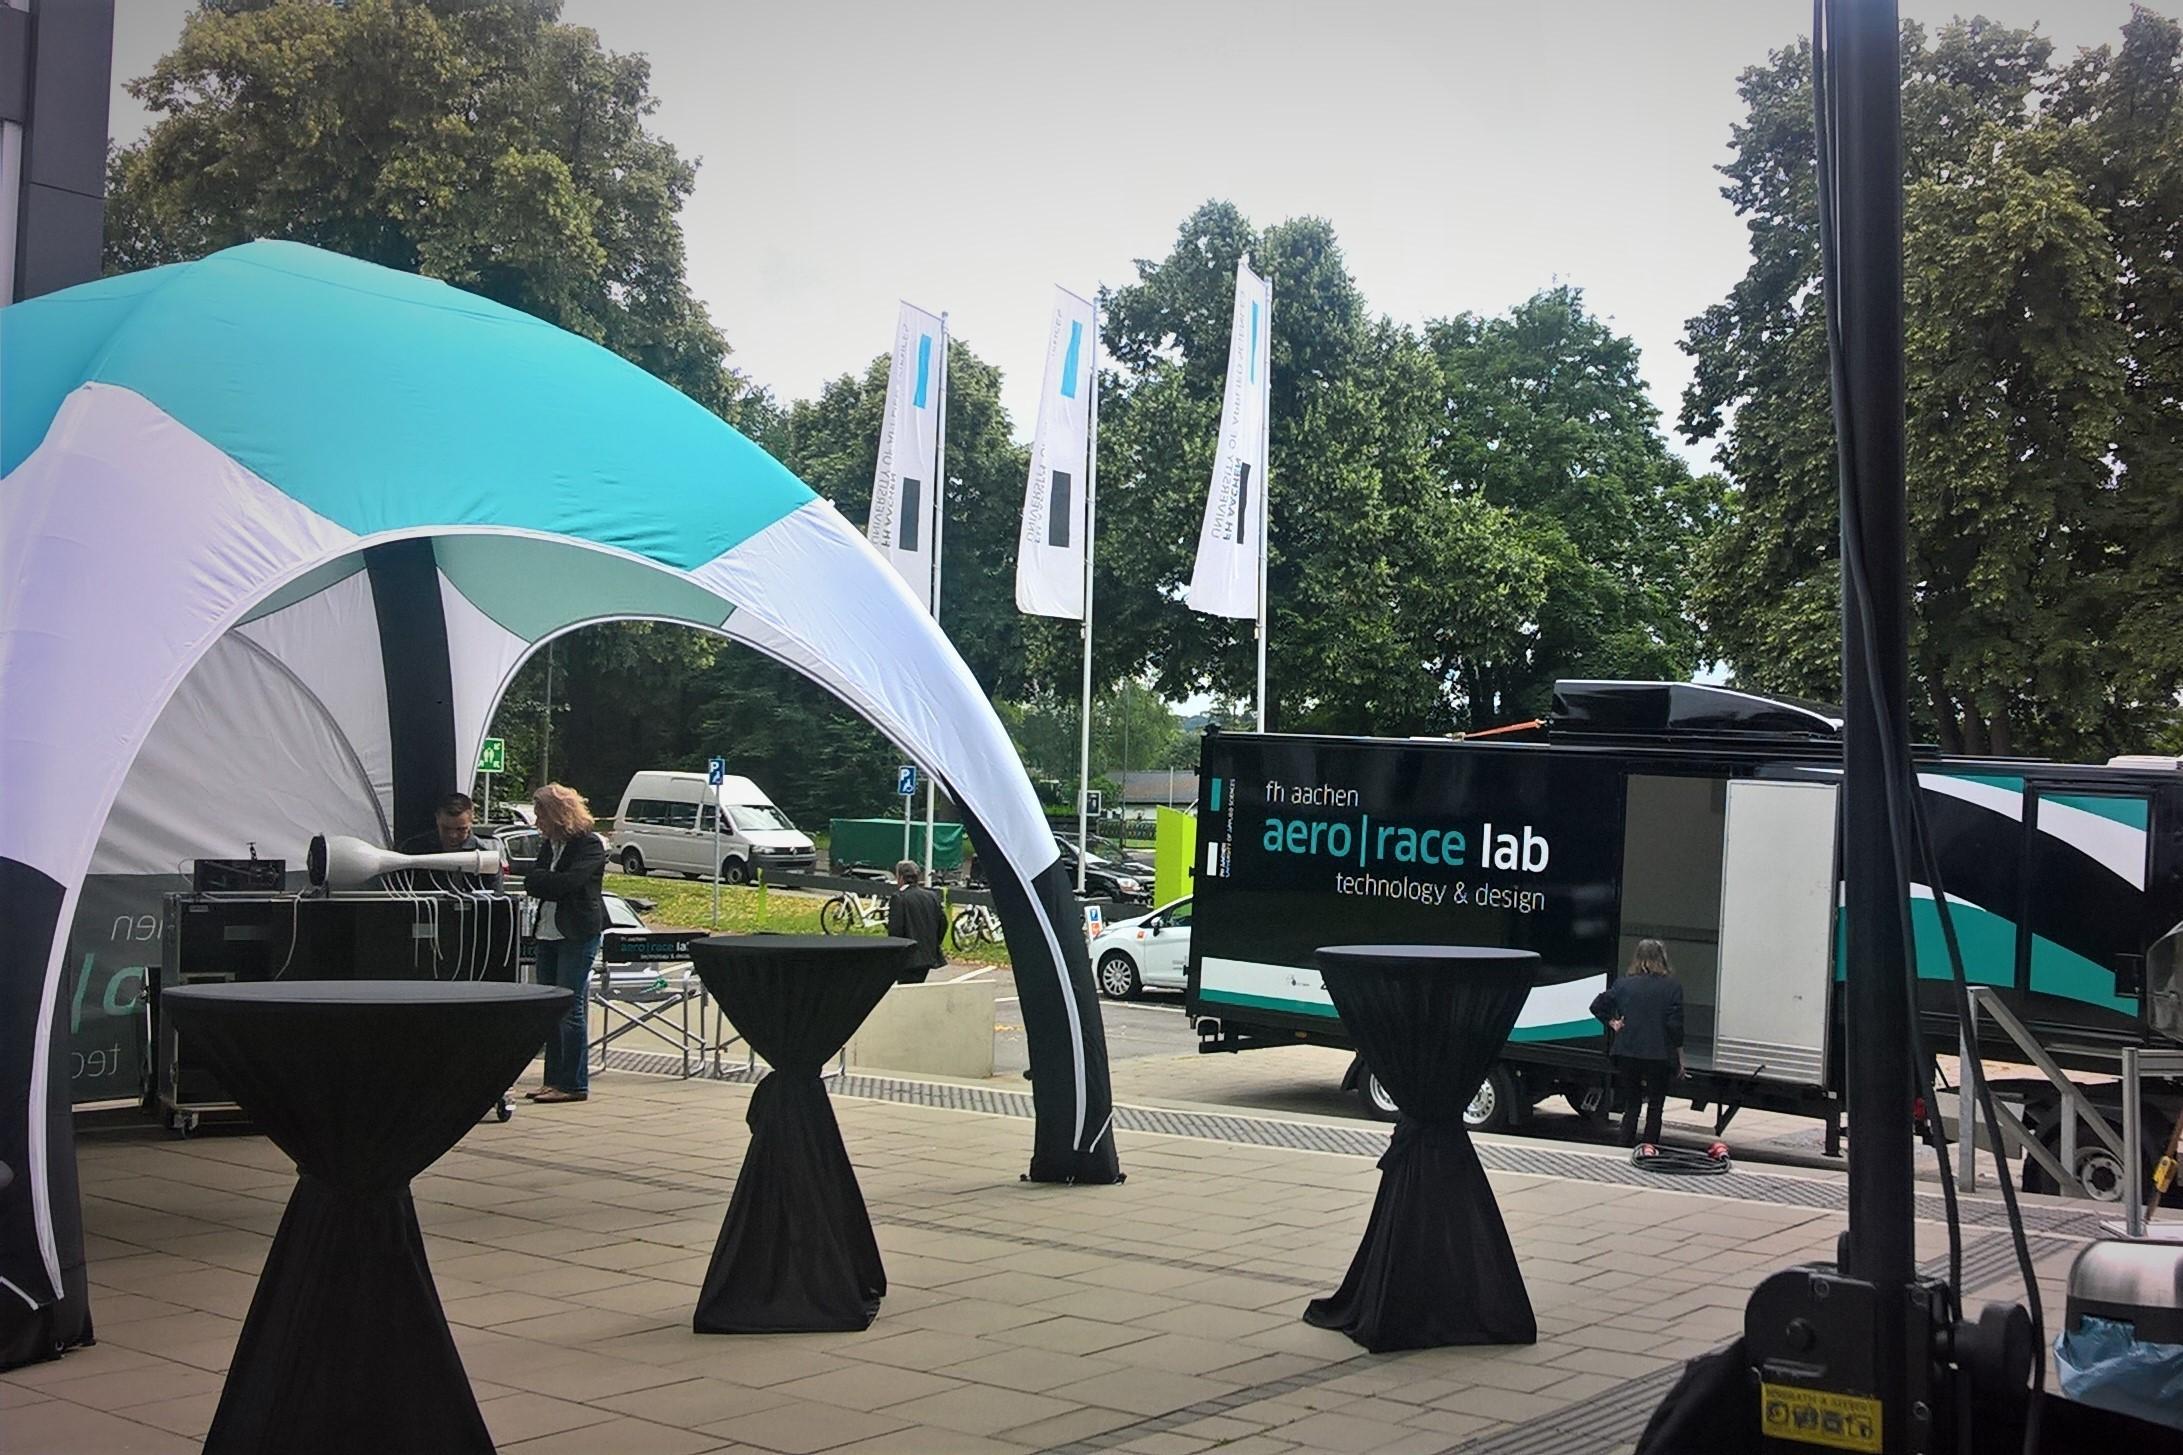 aero|race lab - FH Aachen